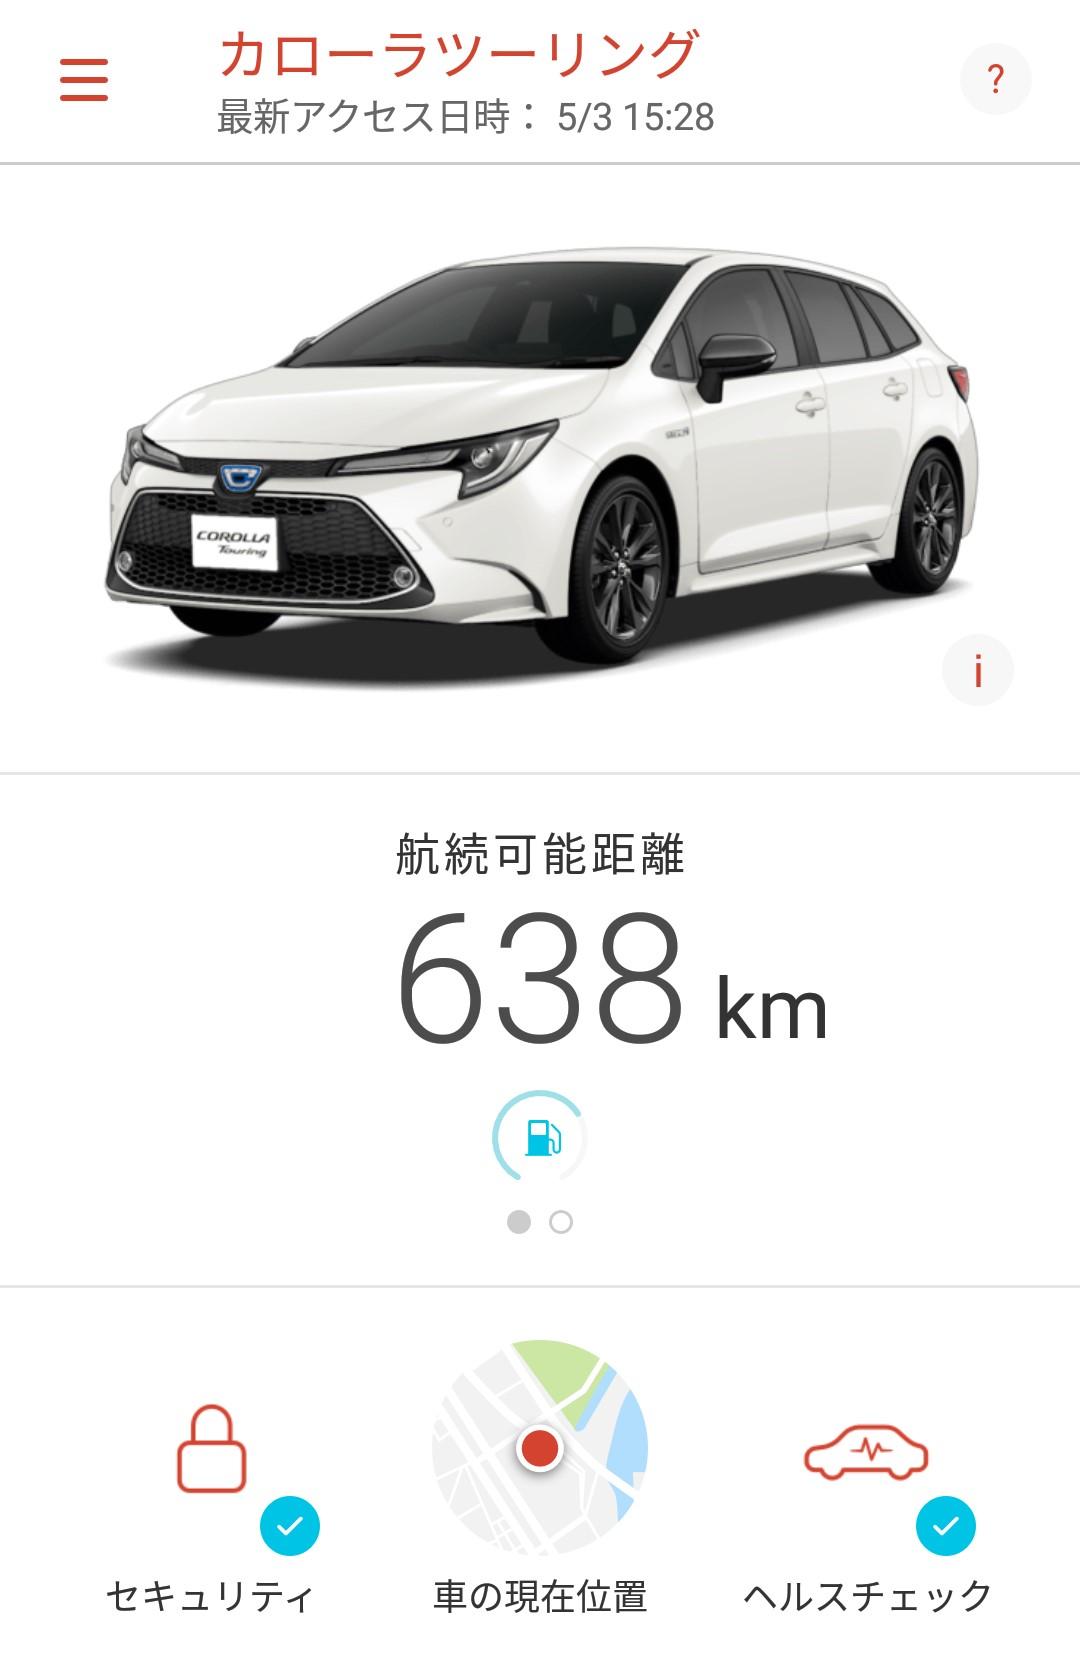 トヨタ カローラ ツーリング 燃費